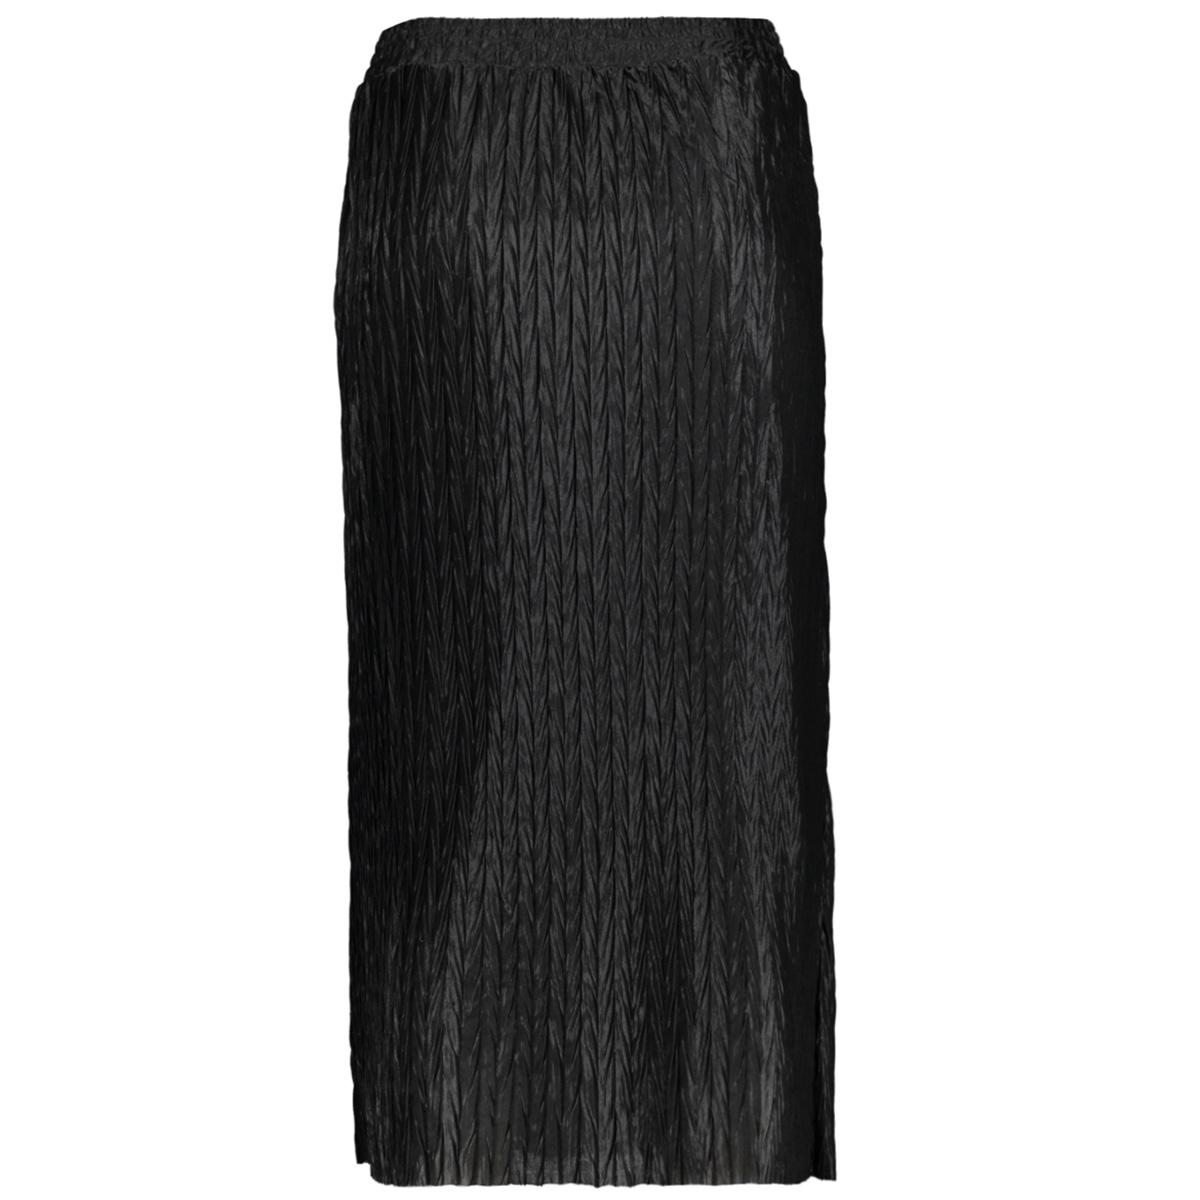 vipleasa hw midi skirt/des 14058860 vila rok black